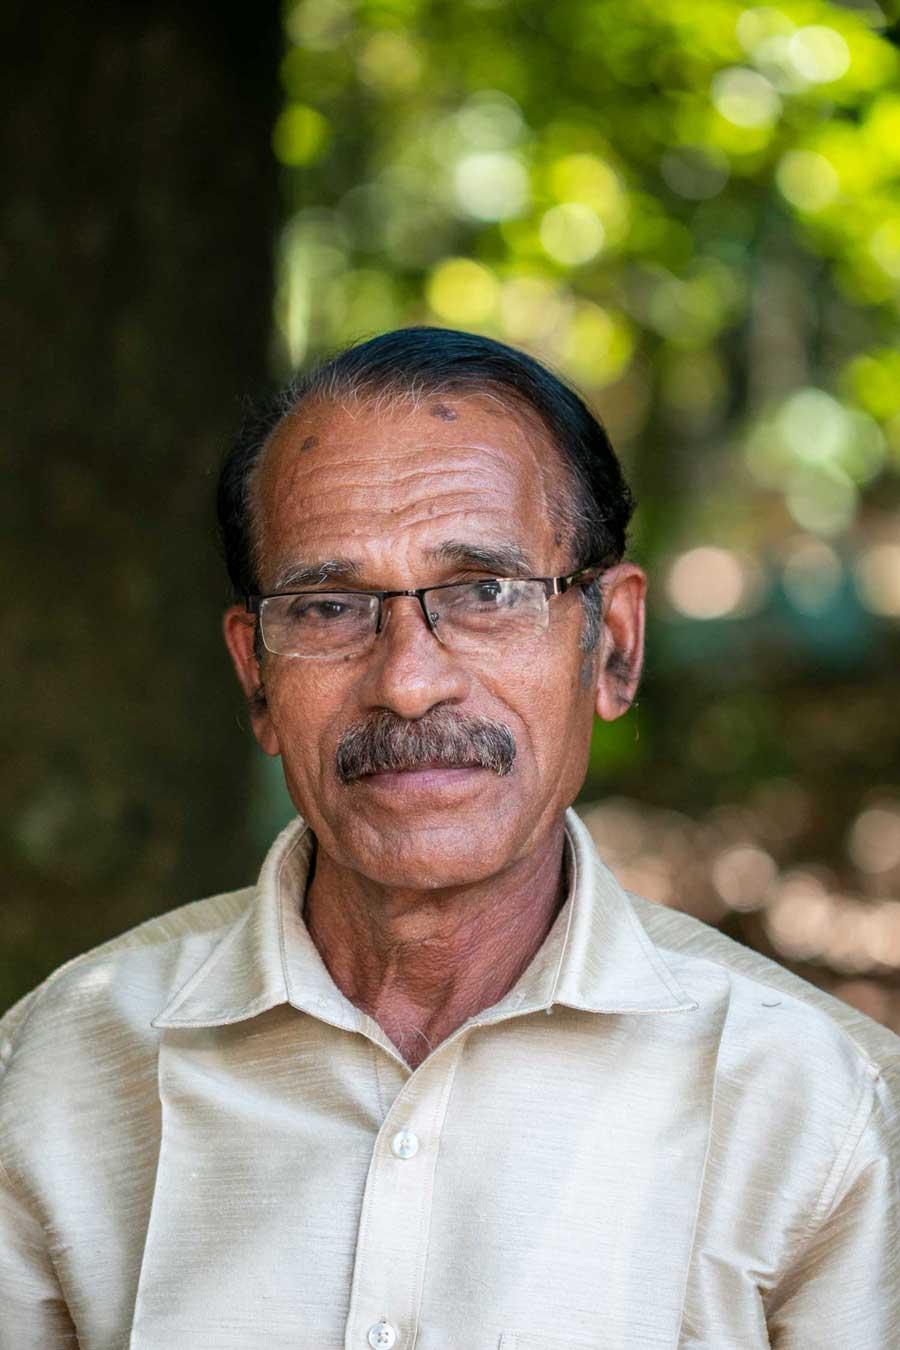 Producteur du Kerala, en Inde, avec qui nous collaborons